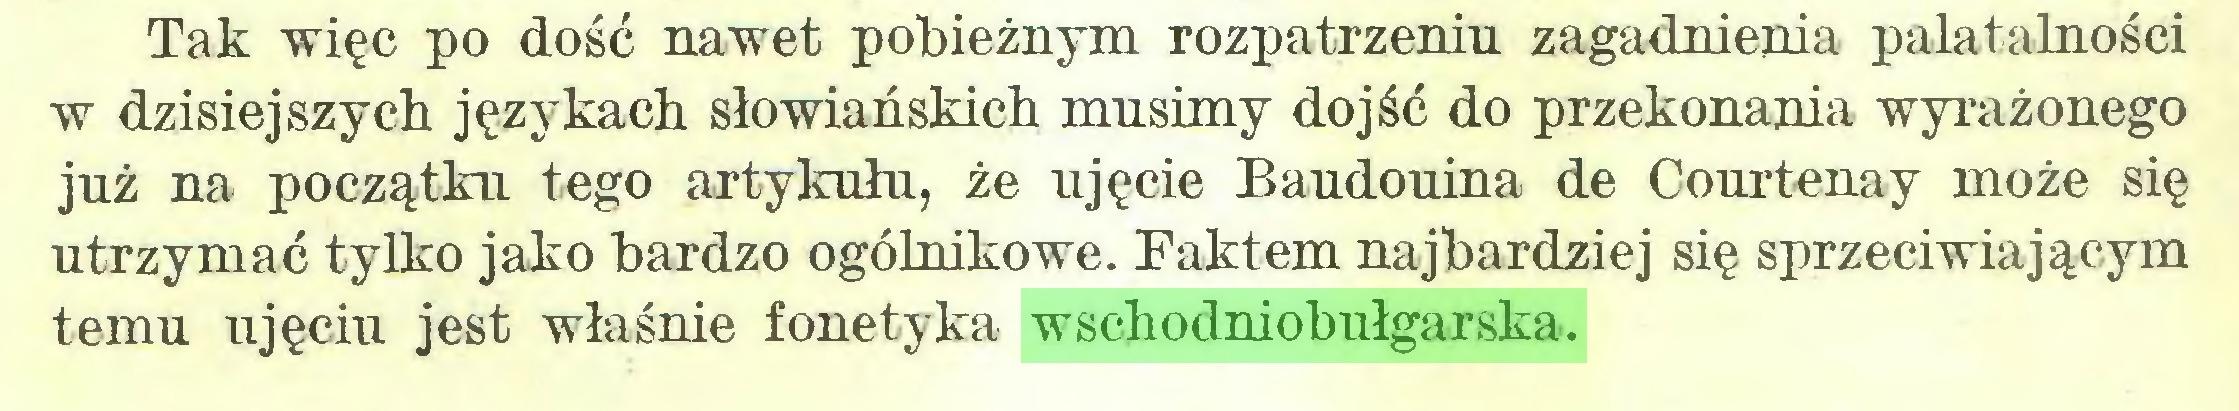 (...) Tak więc po dość nawet pobieżnym rozpatrzeniu zagadnienia palatalności w dzisiejszych językach słowiańskich musimy dojść do przekonania wyrażonego już na początku tego artykułu, że ujęcie Baudouina de Courtenay może się utrzymać tylko jako bardzo ogólnikowe. Faktem najbardziej się sprzeciwiającym temu ujęciu jest właśnie fonetyka wschodniobułgarska...